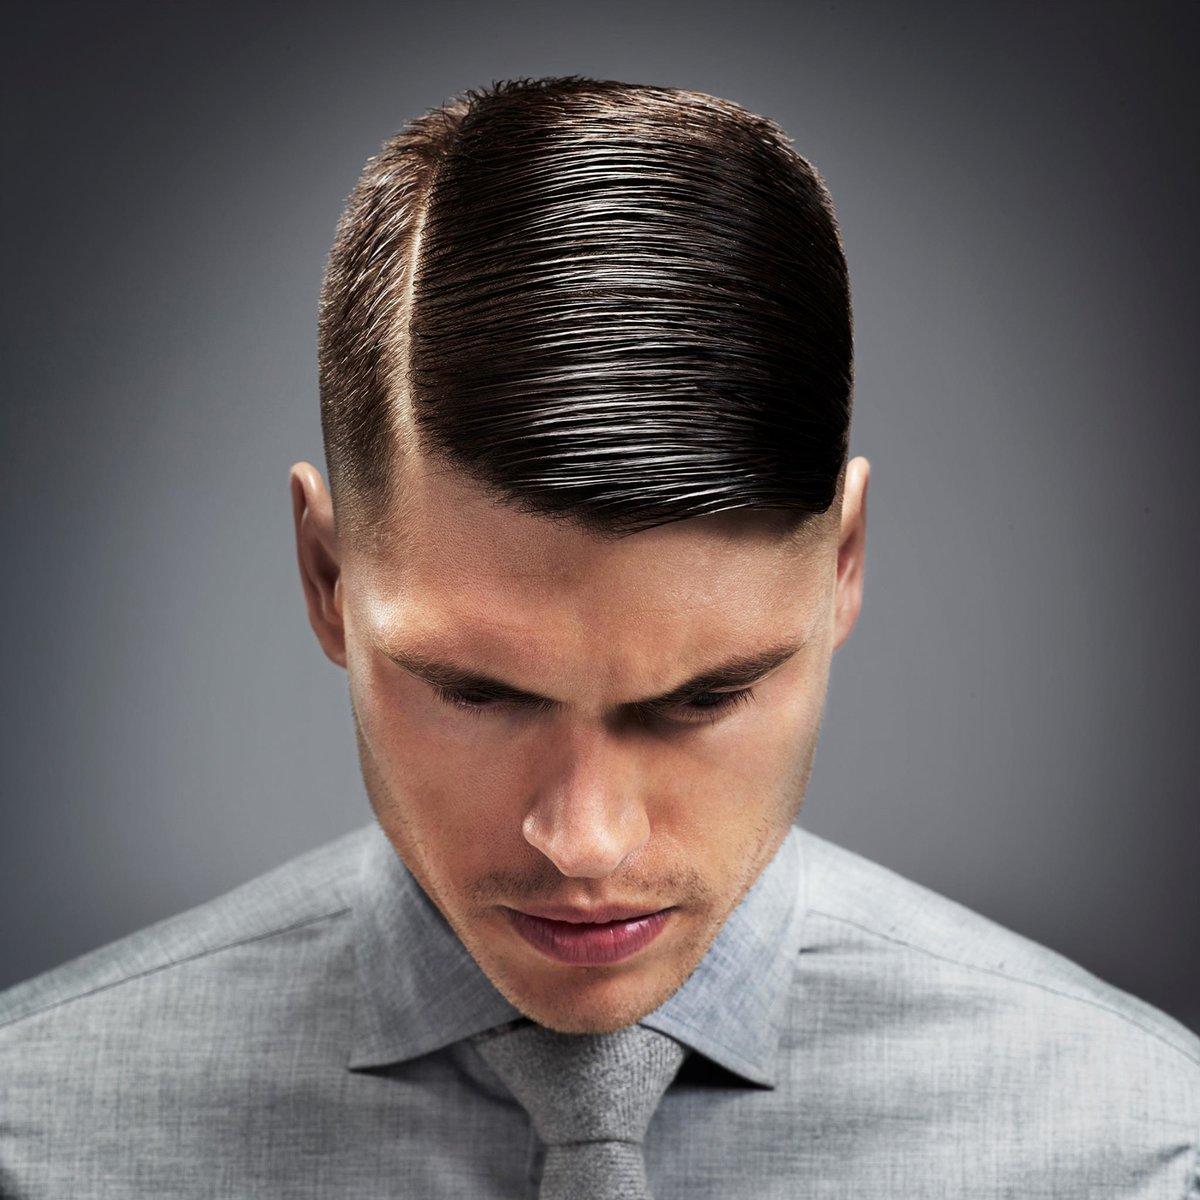 Фото мужских причёсок с пробором